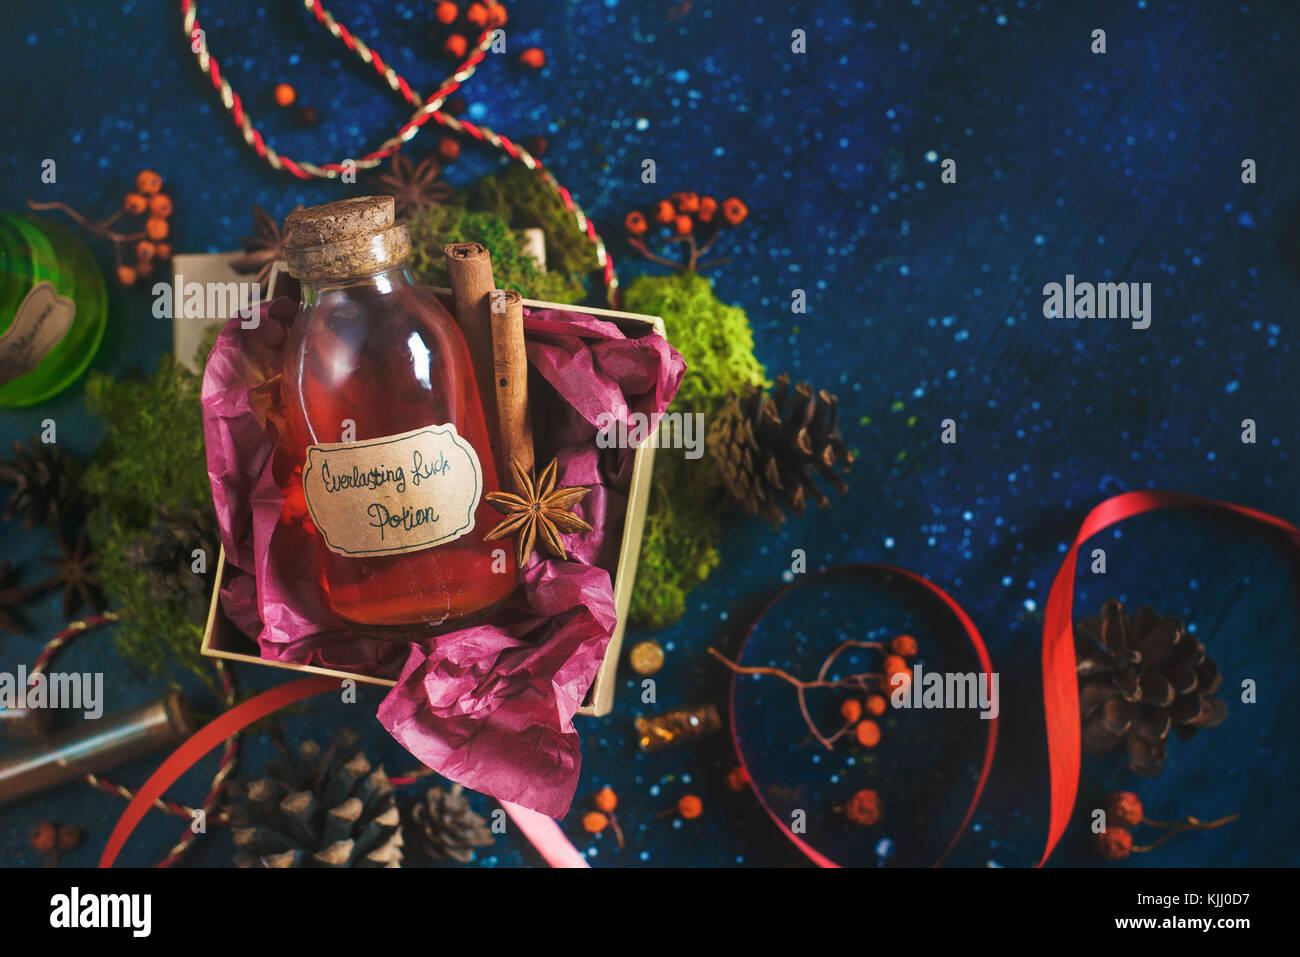 Cuadro actual con una botella de poción. suerte mágica poción bodegón con botellas, ingredientes Imagen De Stock